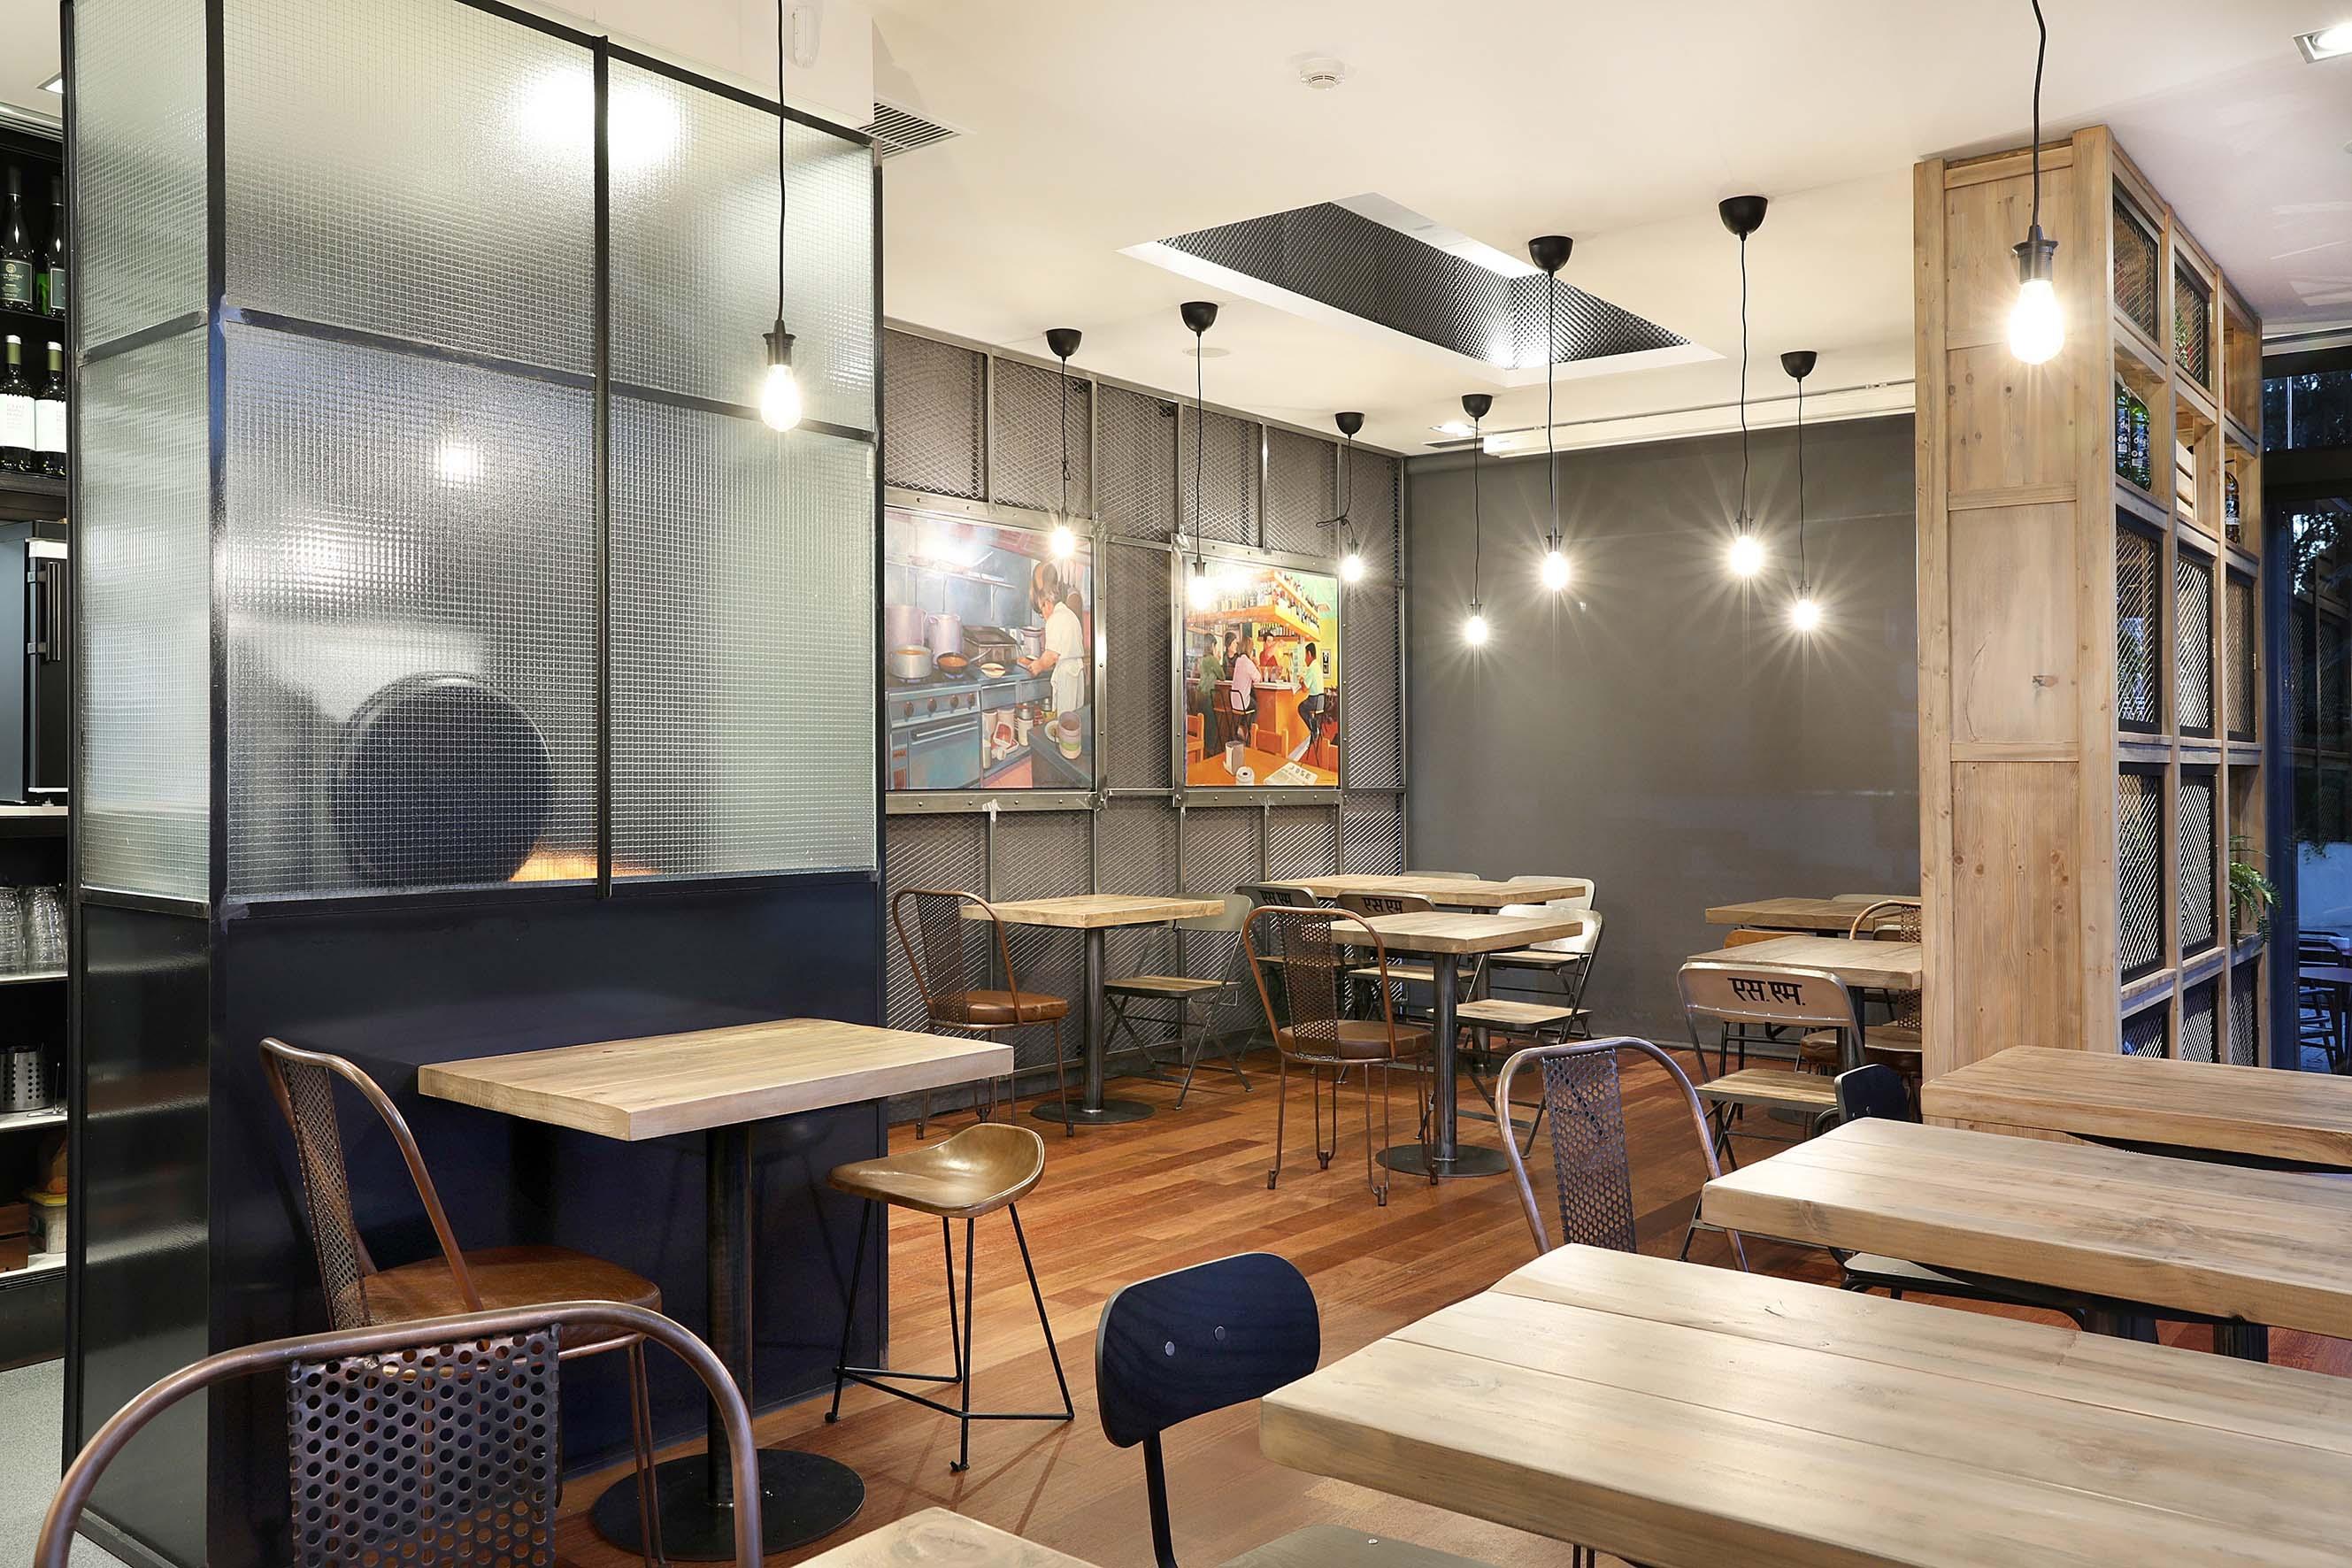 Reforma integral del restaurante Cassola del Mercat, dröm living